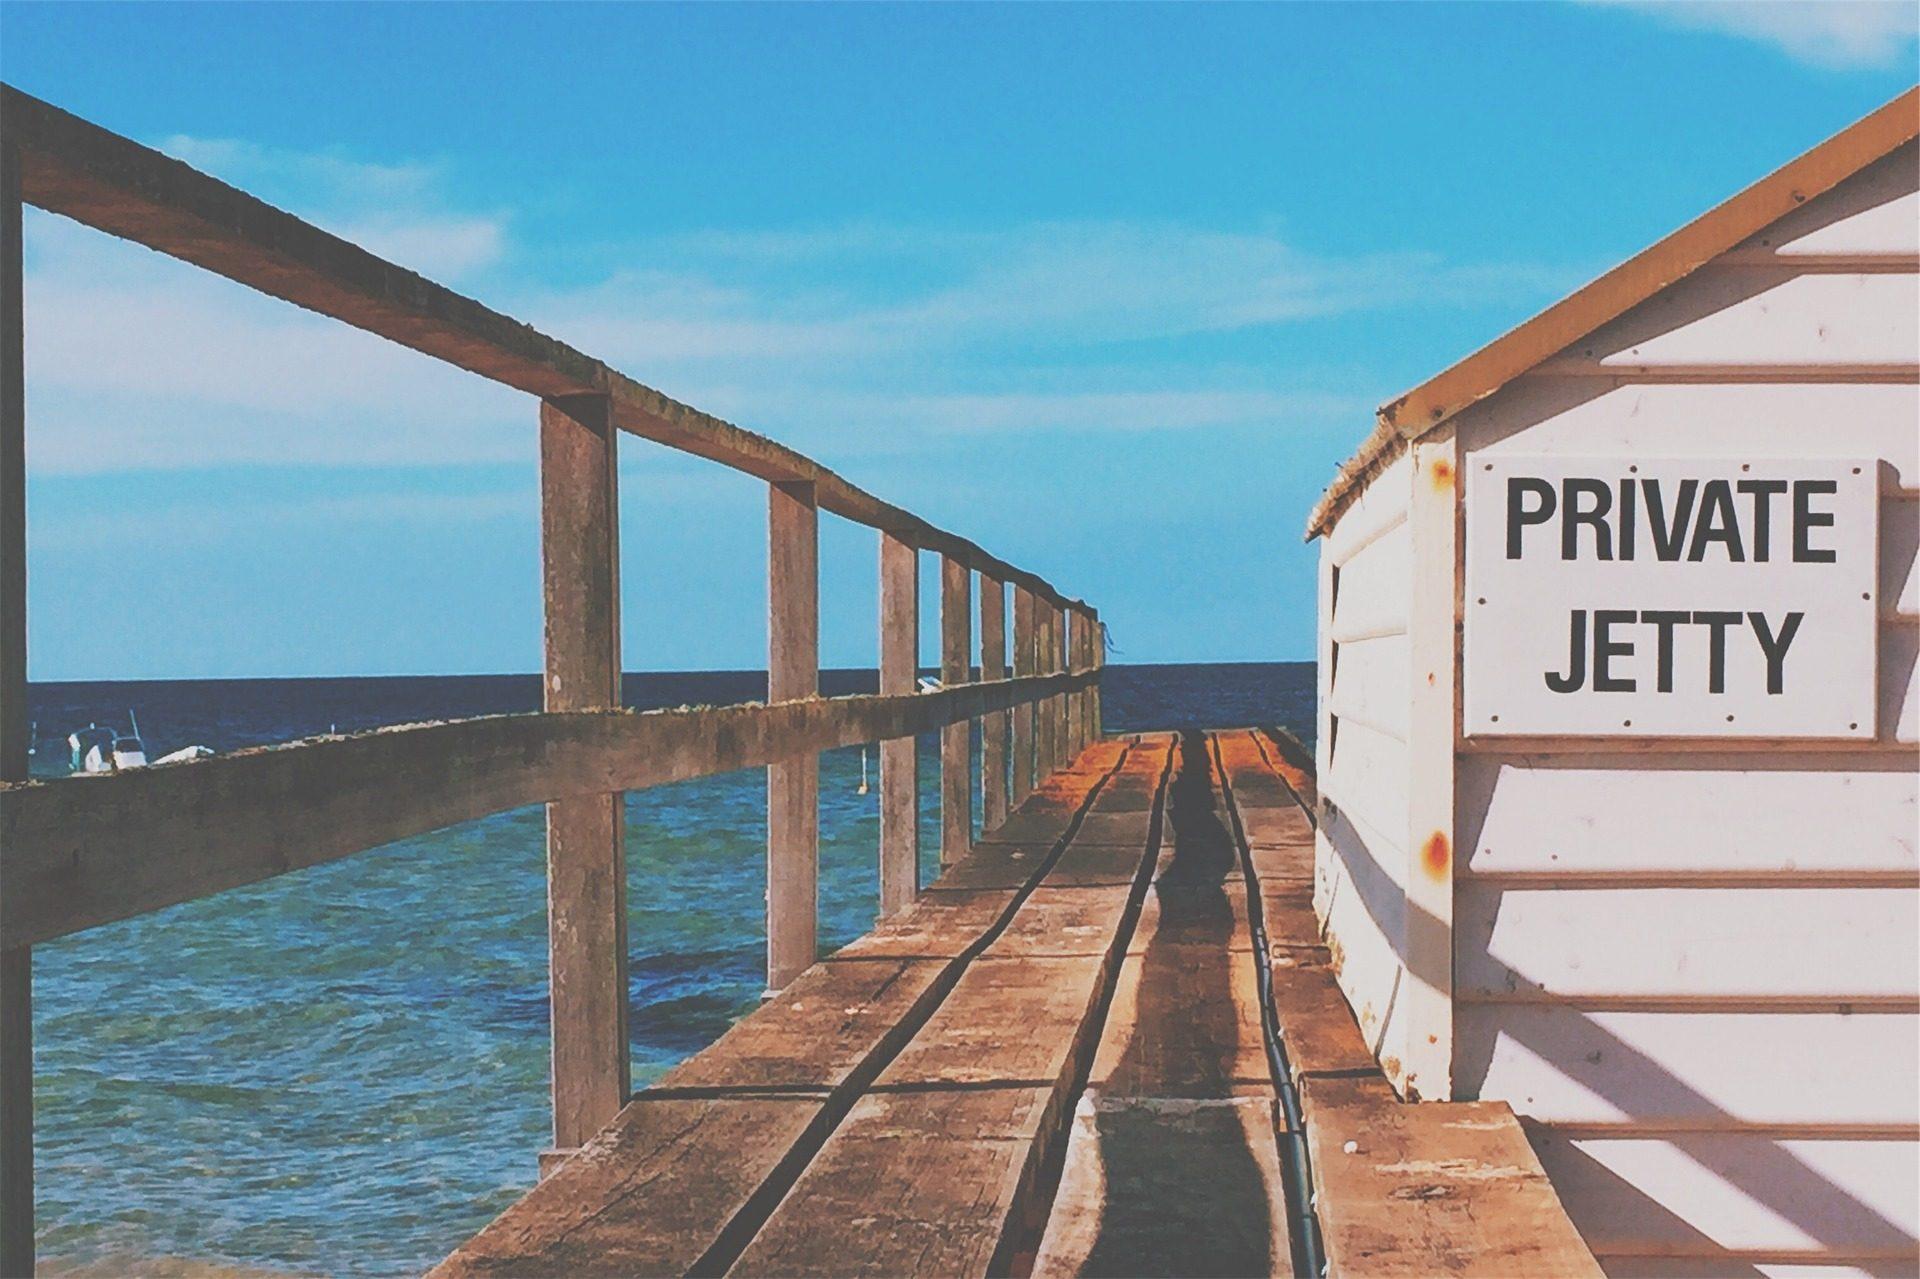 embarcadero, madera, caseta, playa, mar - Fondos de Pantalla HD - professor-falken.com